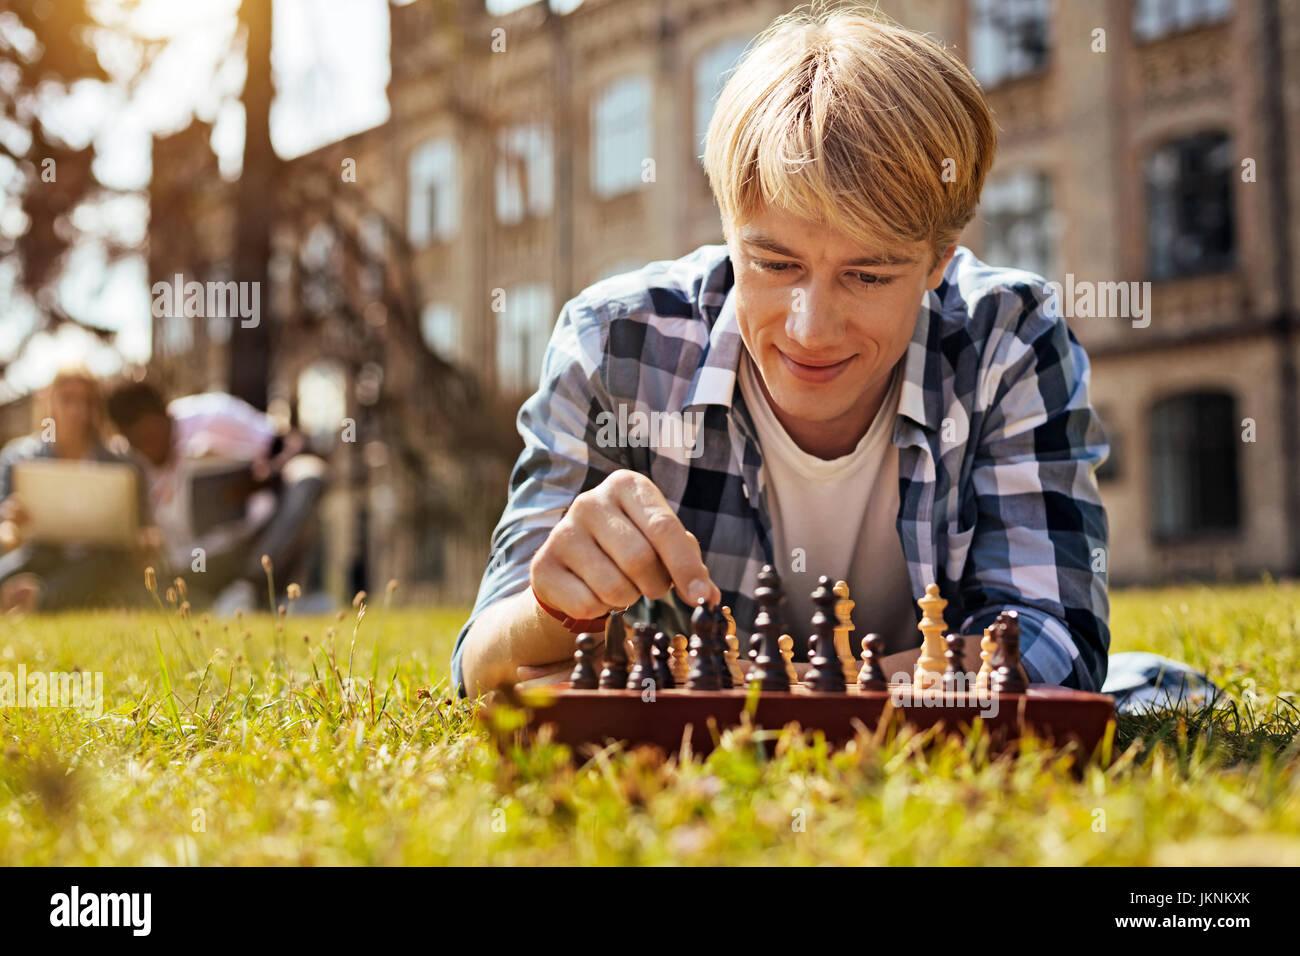 Hombre inteligente analítico relajante mientras juega Imagen De Stock